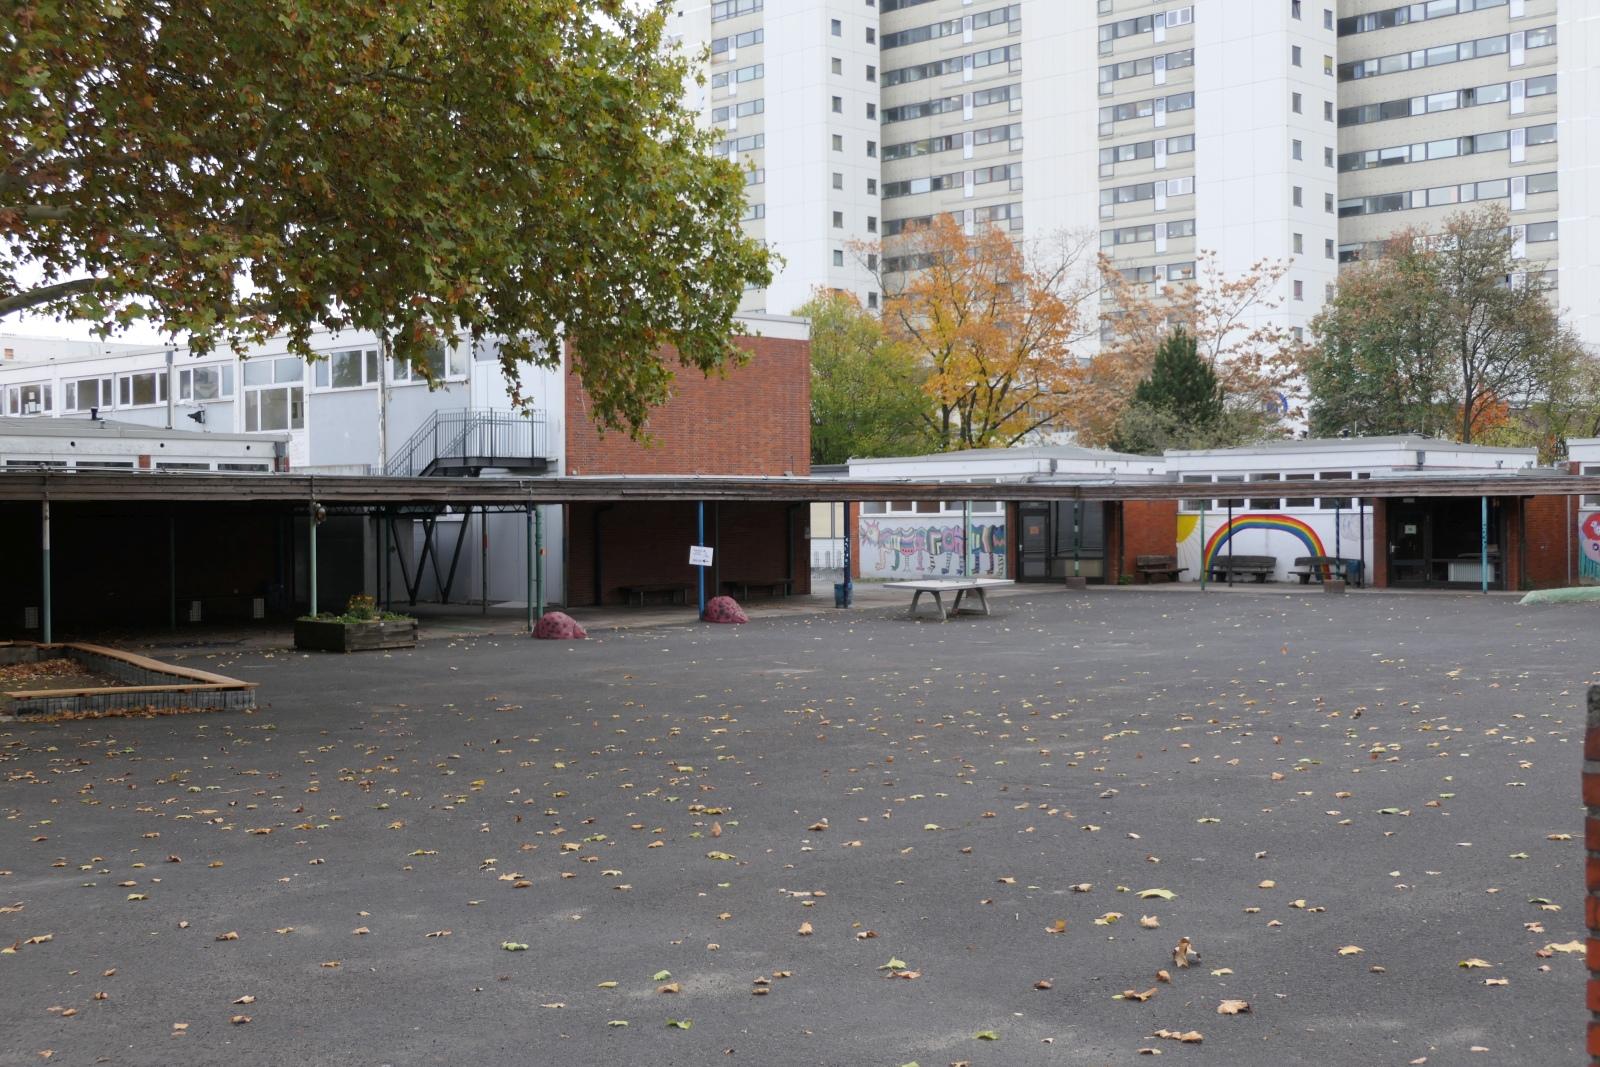 Der Weg zum Wahllokal war hier am Morgen der Wahl zum Hessischen Landtag leer.